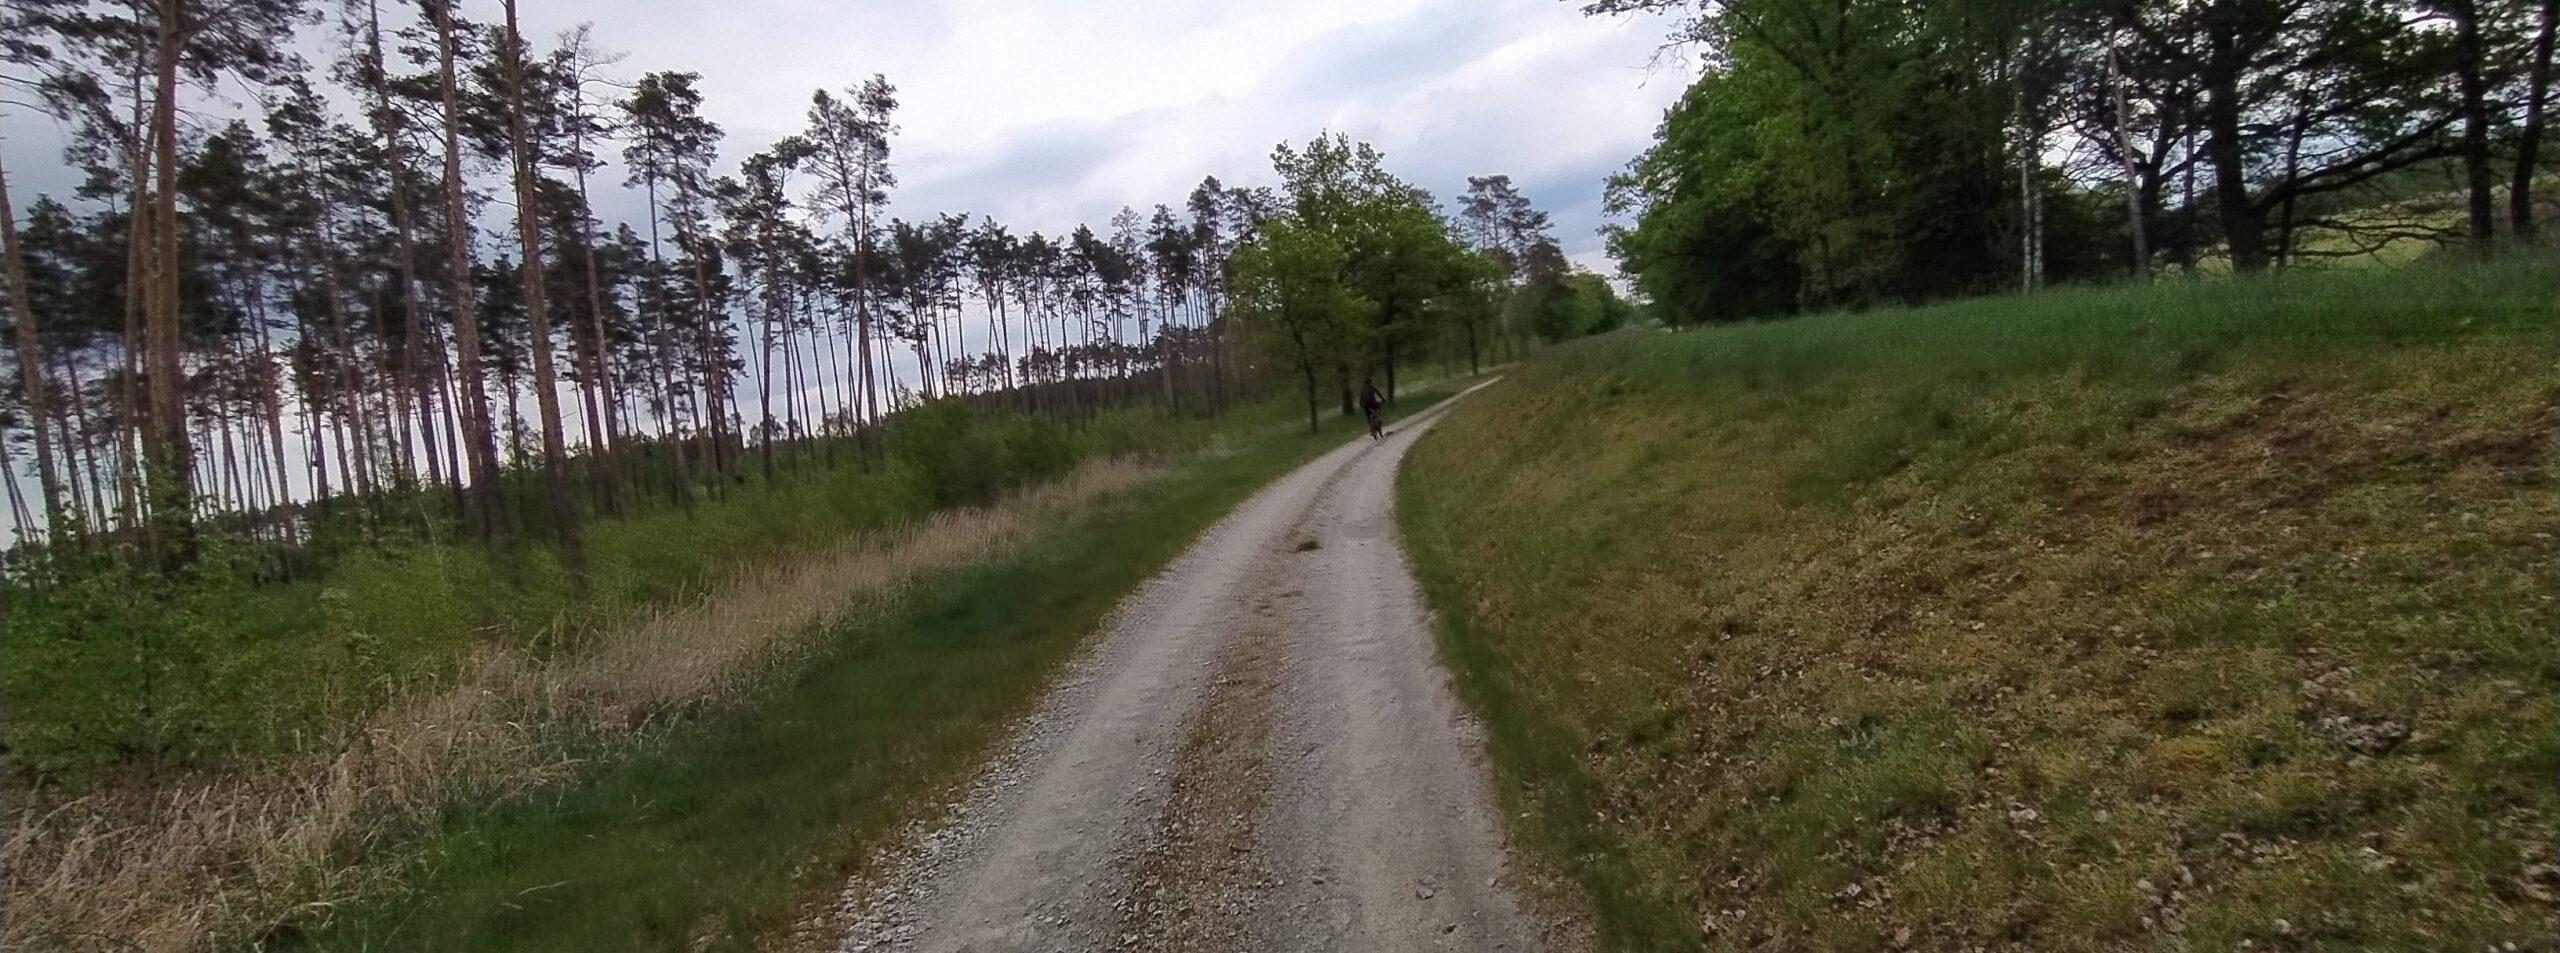 Ścieżki szutrowe - rowerowym szlakiem Odry